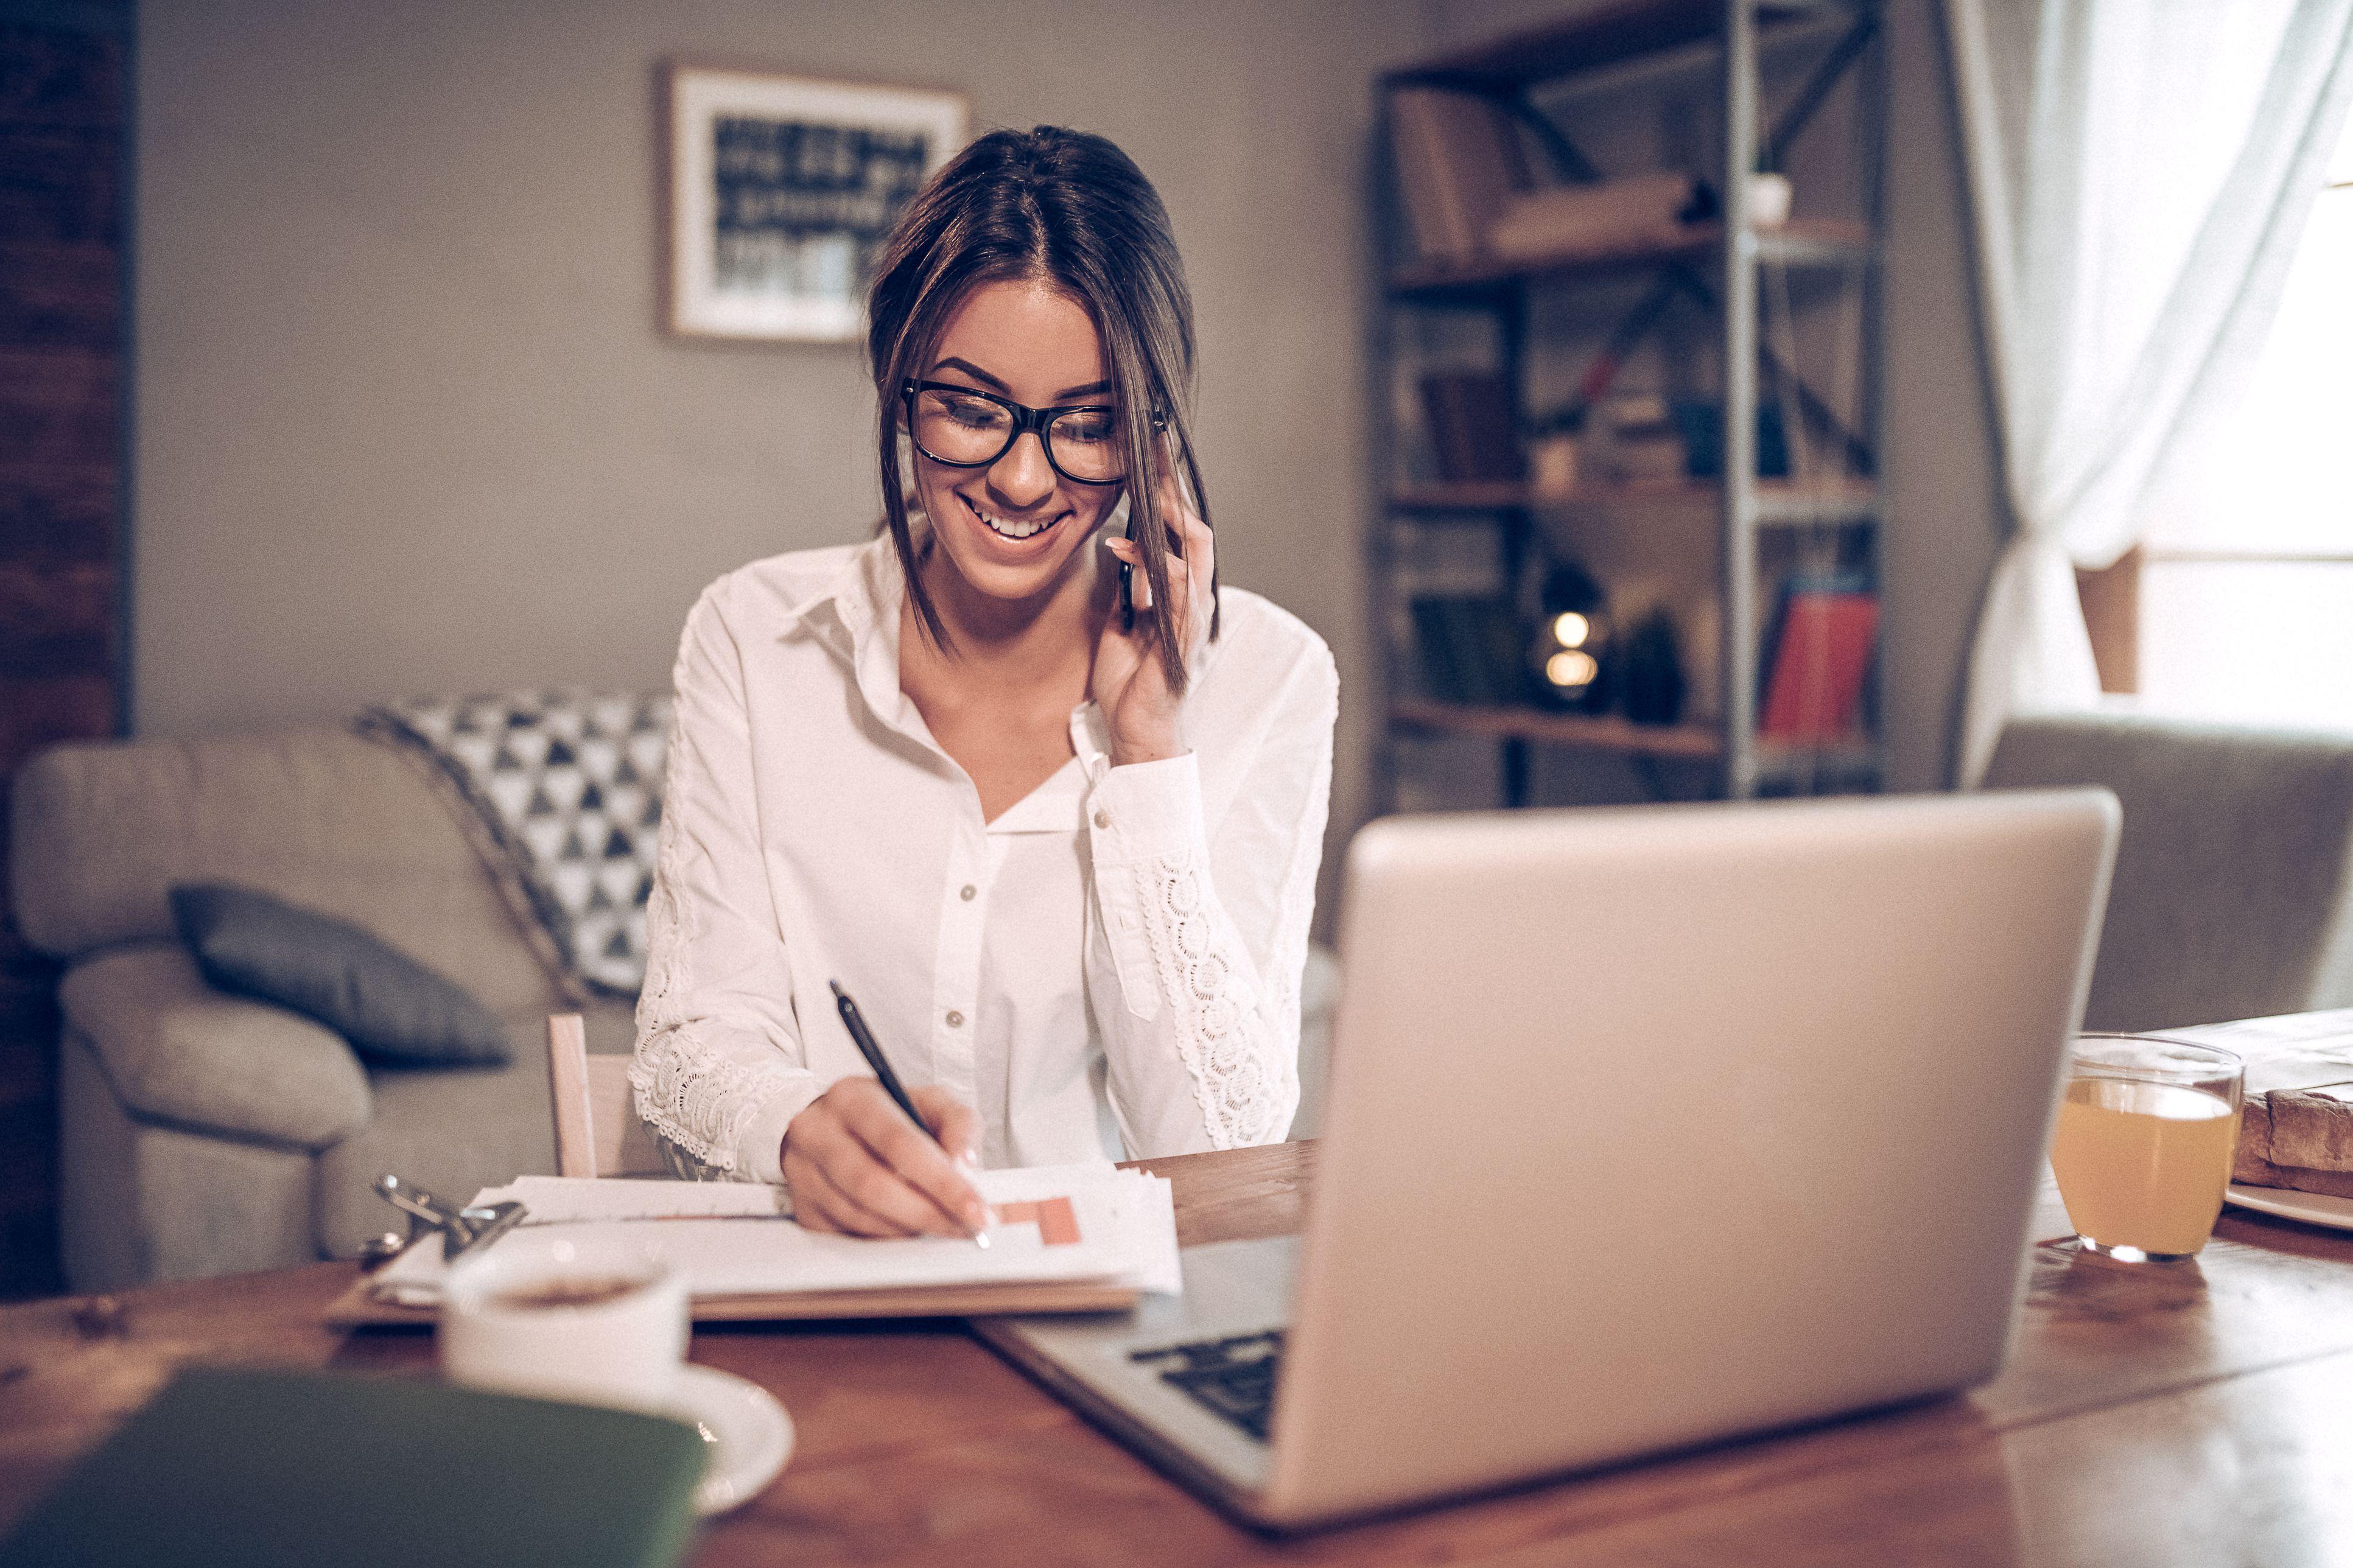 HomeBased Business Ideas for Moms